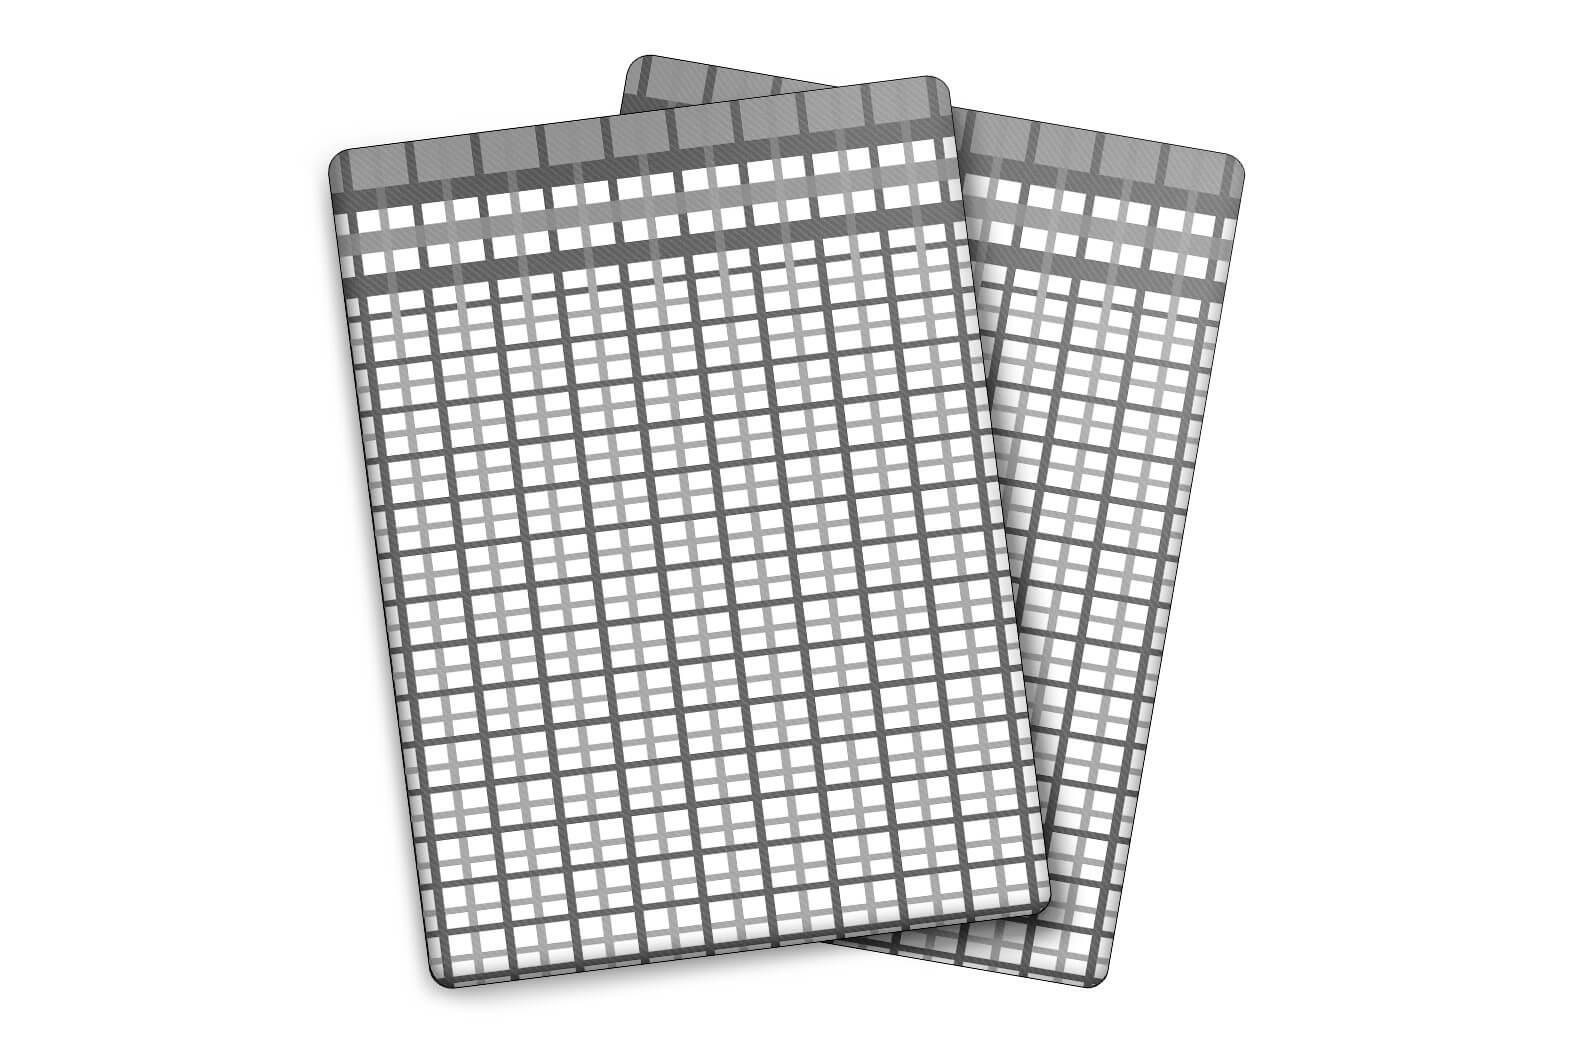 Utěrky Bambus malá kostka šedá – 3 ks v balení